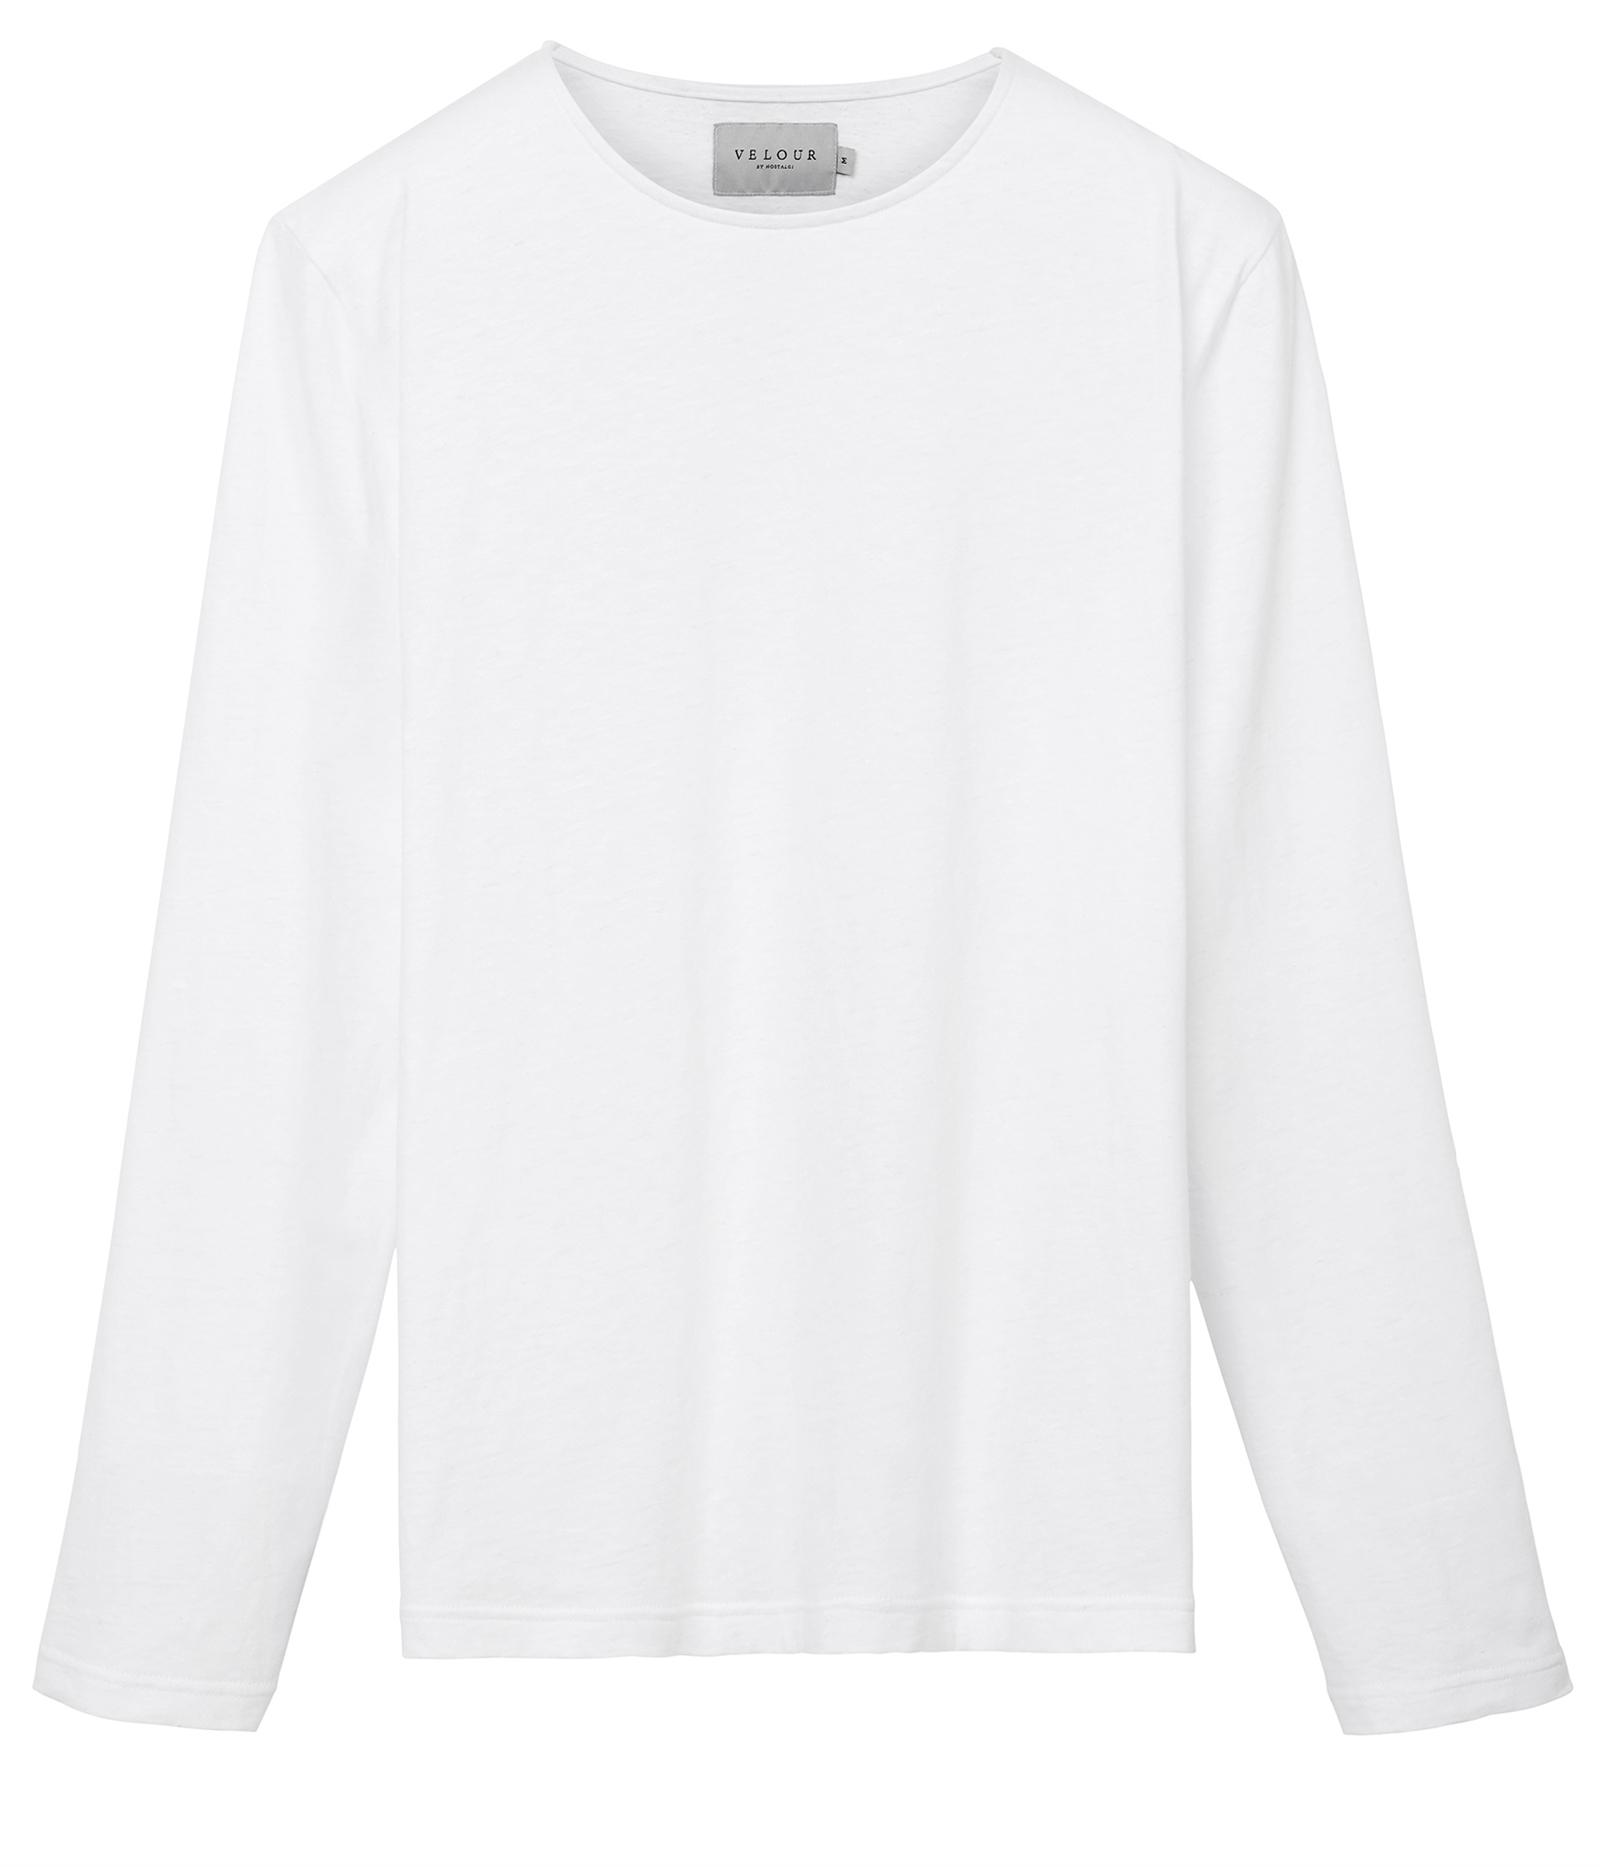 Velour Crew Neck Sweatshirt Black